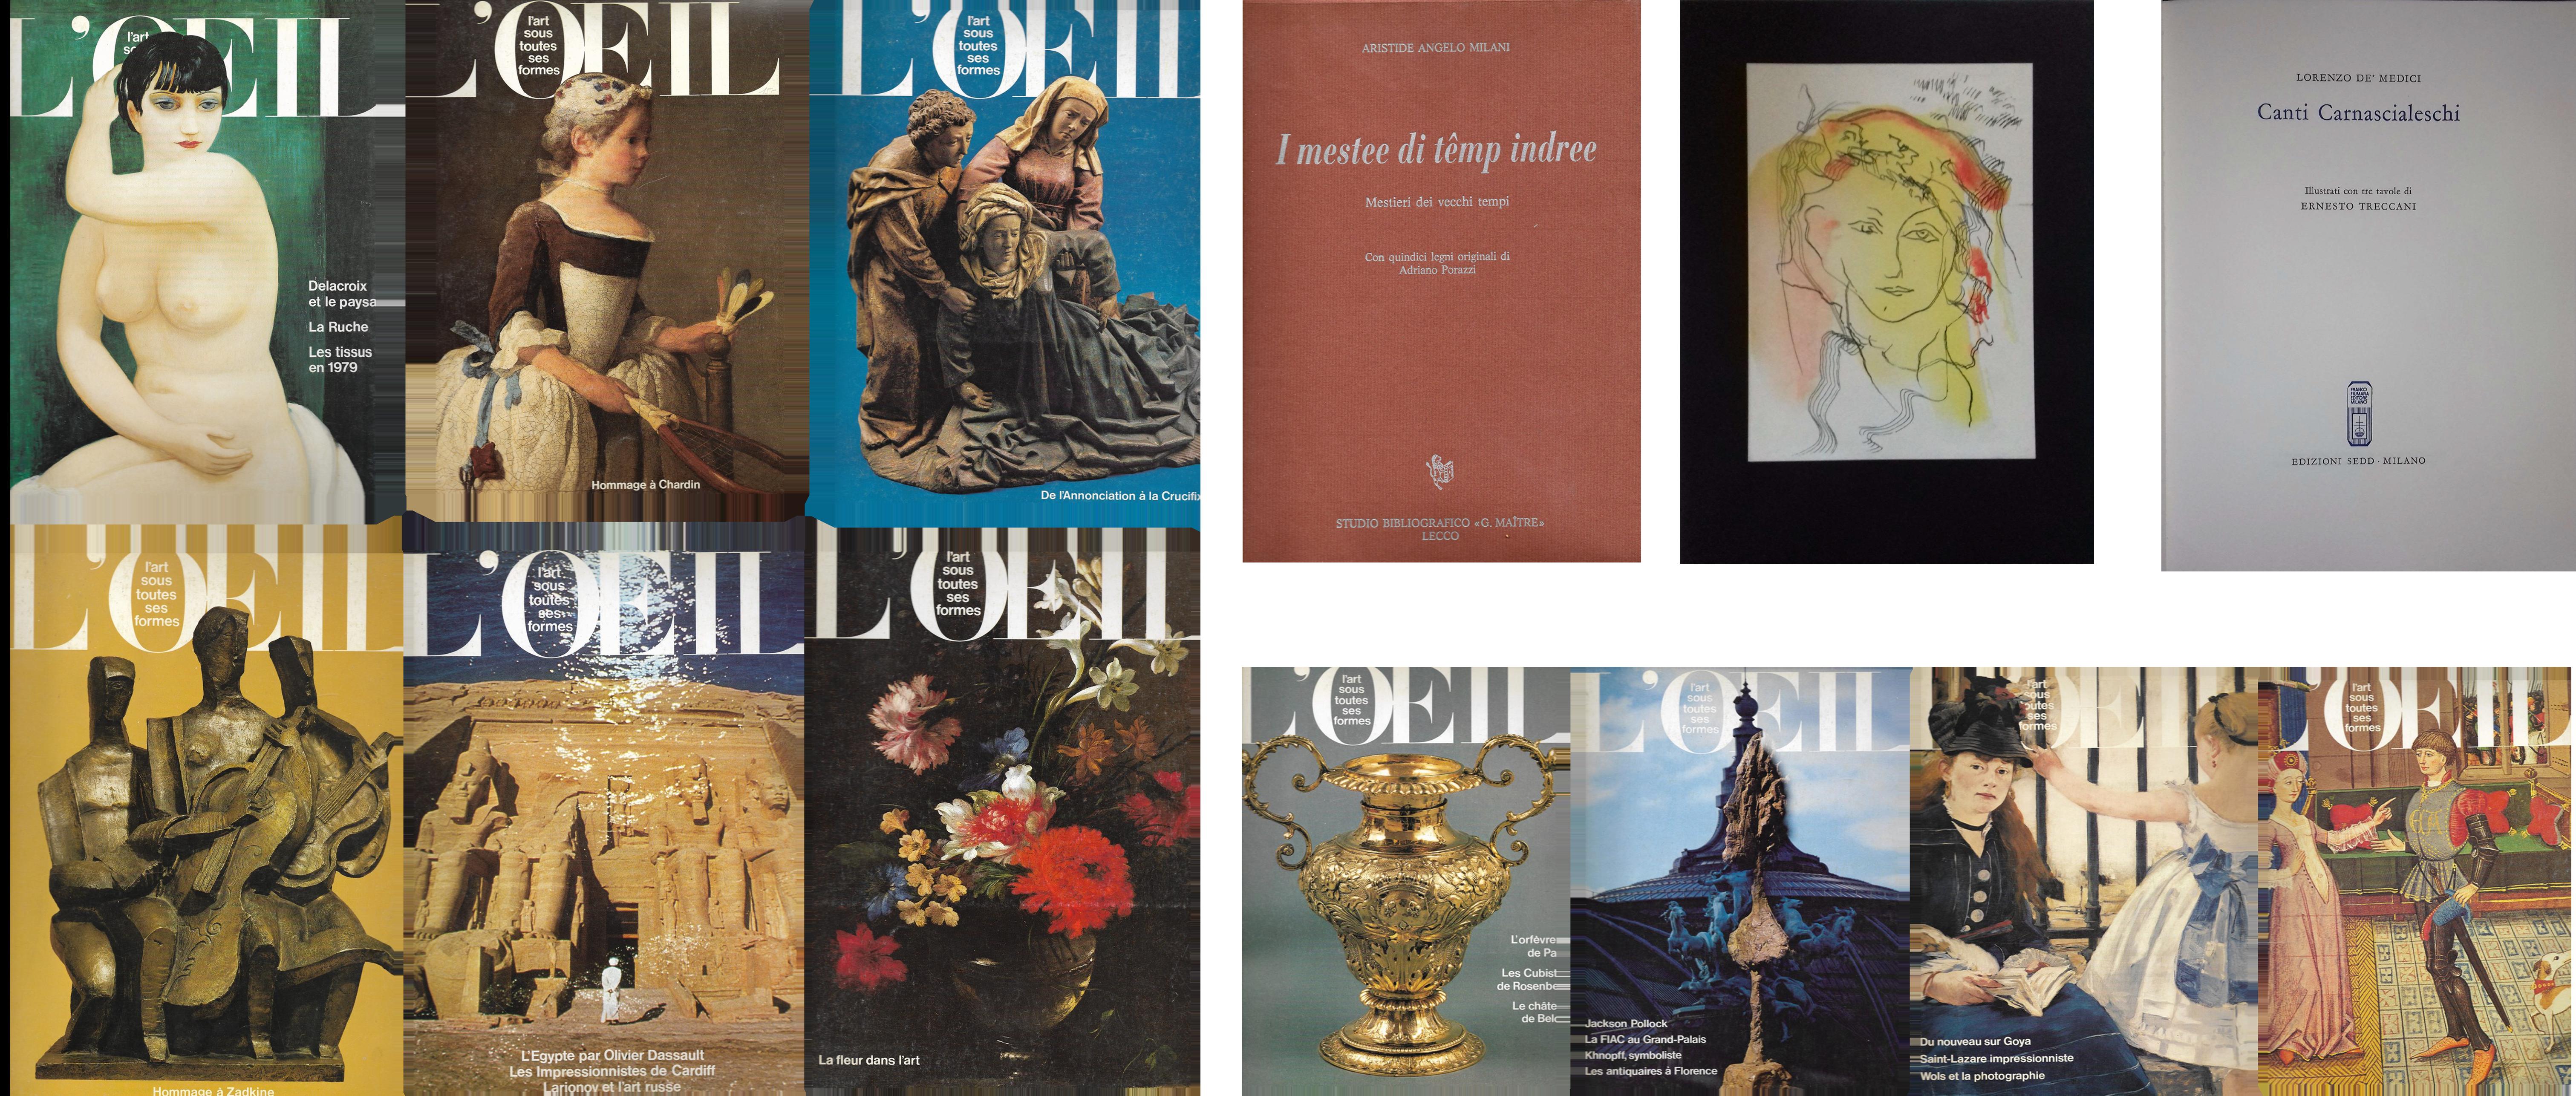 Studio Bibliografico Balbo – Arte&Illustrazione, domenica 9 dicembre 2018